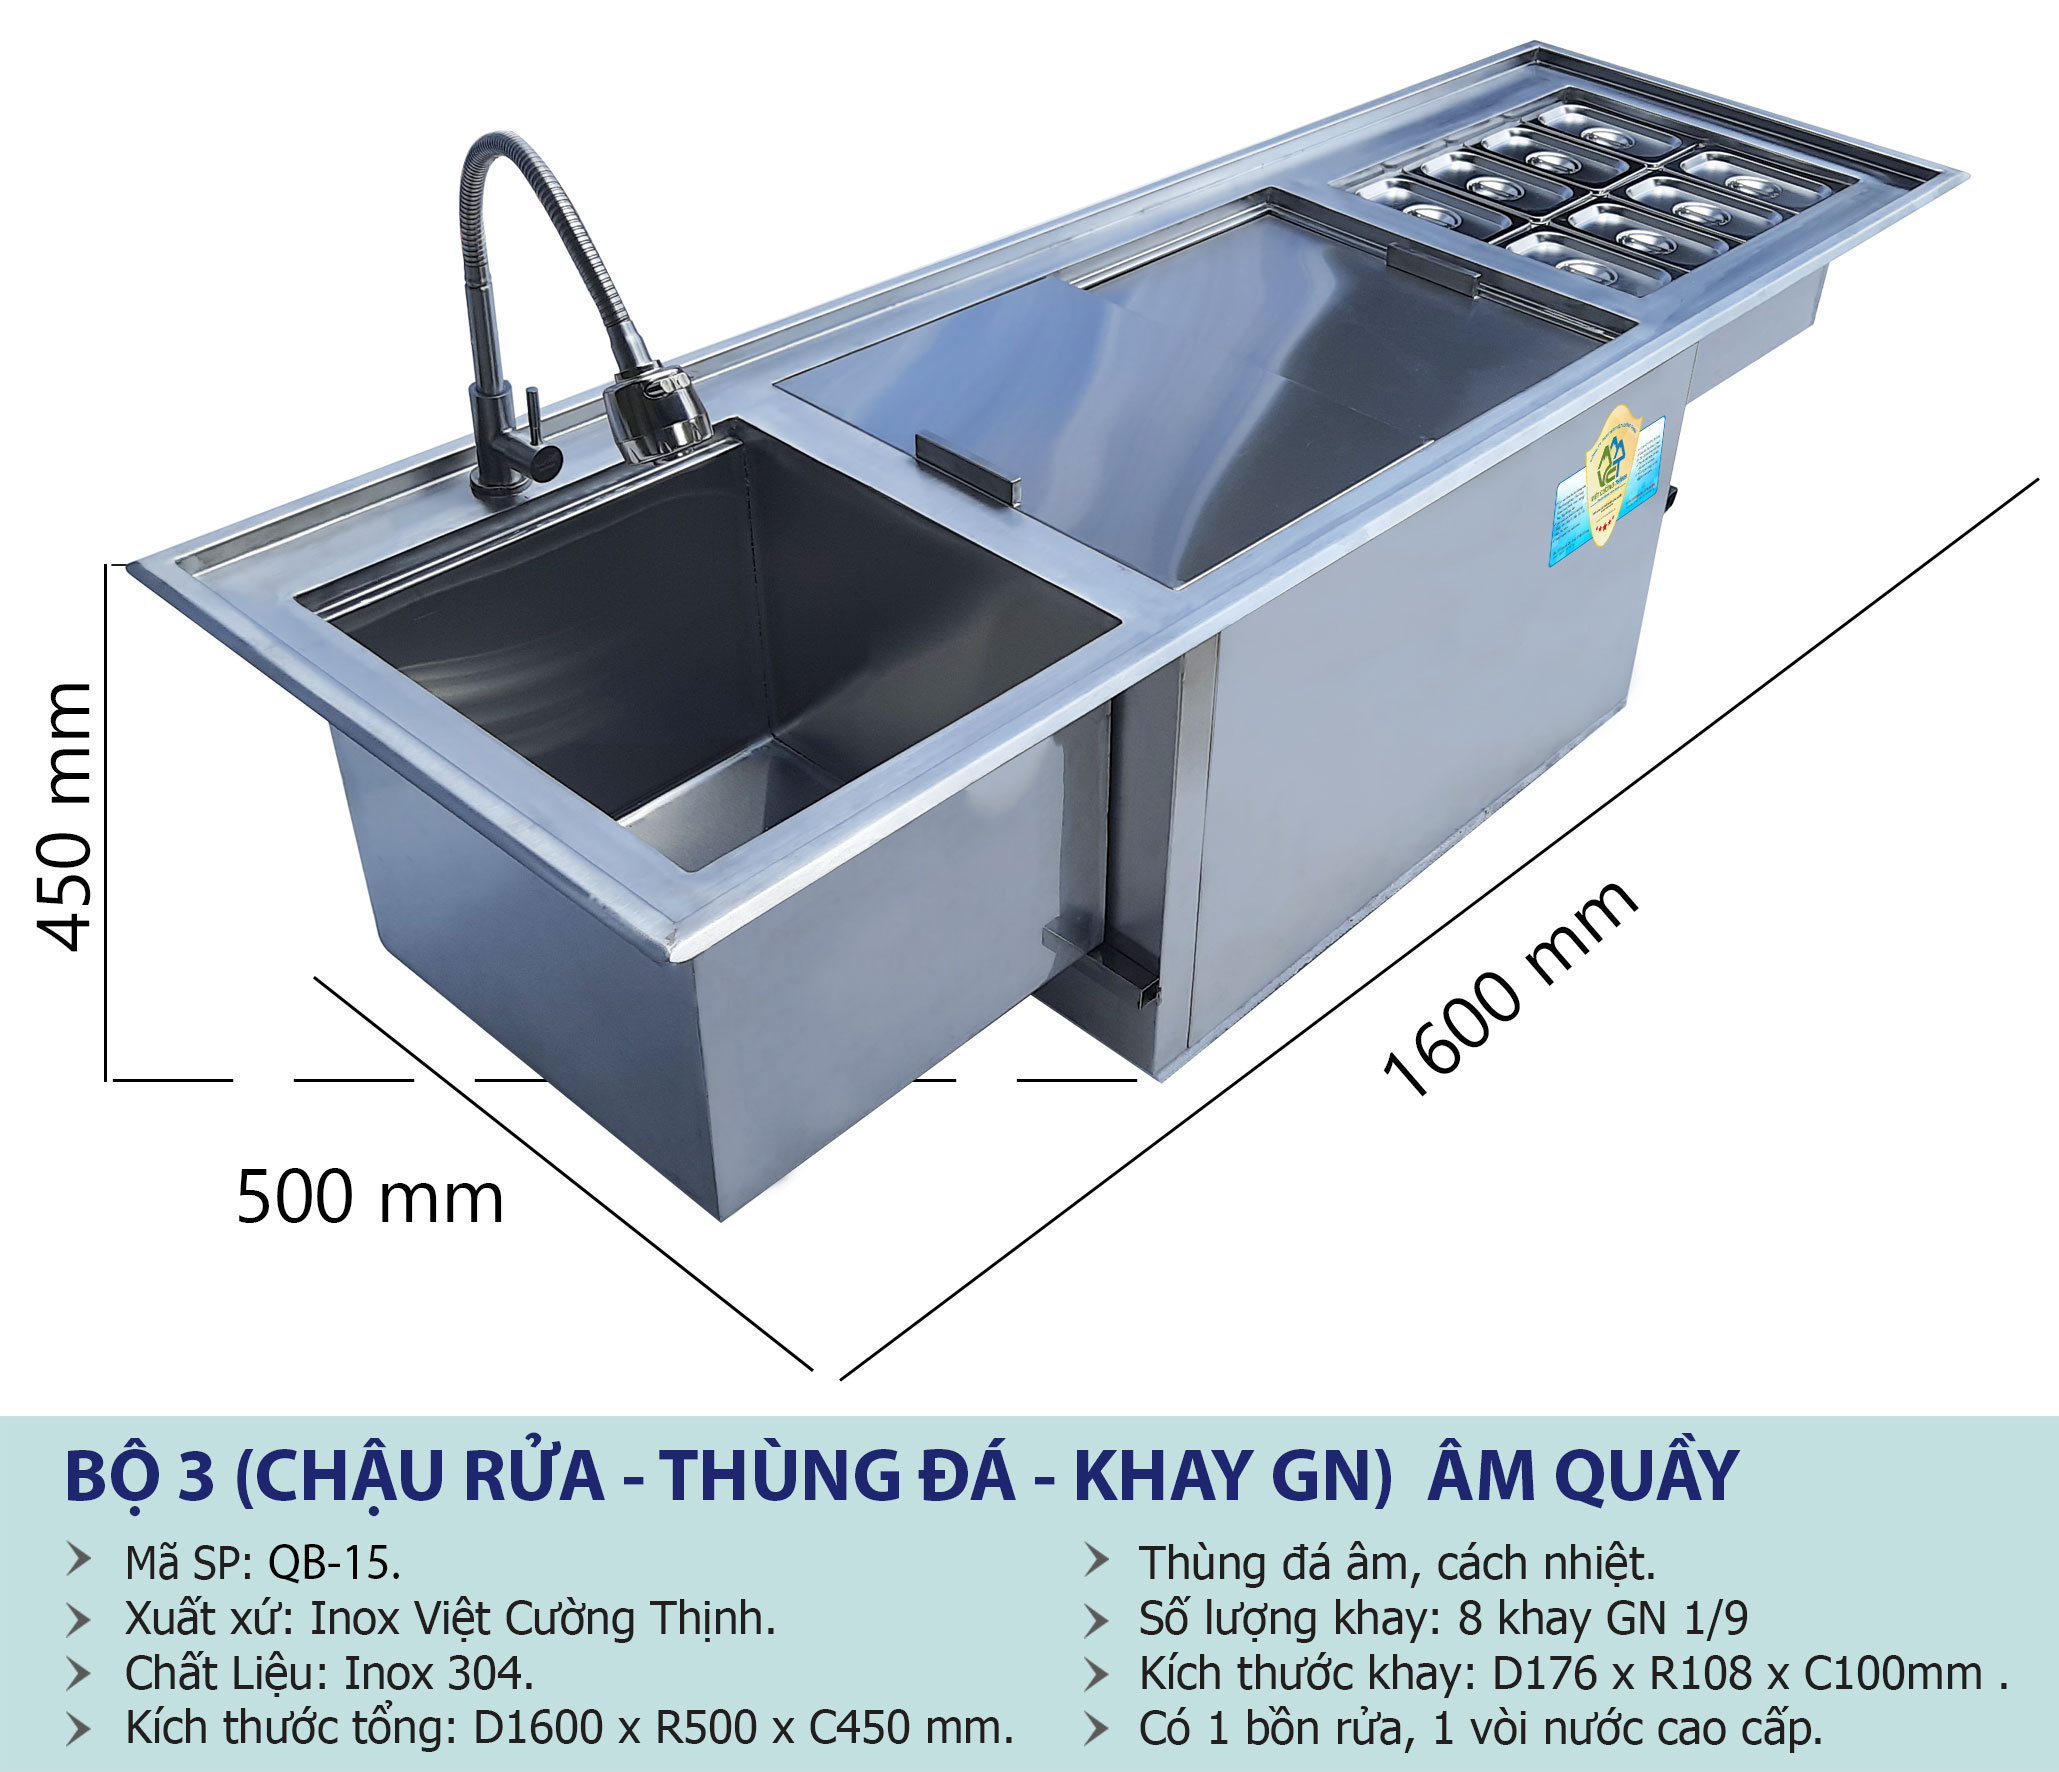 Kích thước thùng đá inox quầy bar, Thùng đựng đá inox , Thùng chứa đá inox sản xuất tại Việt Cường Thịnh.